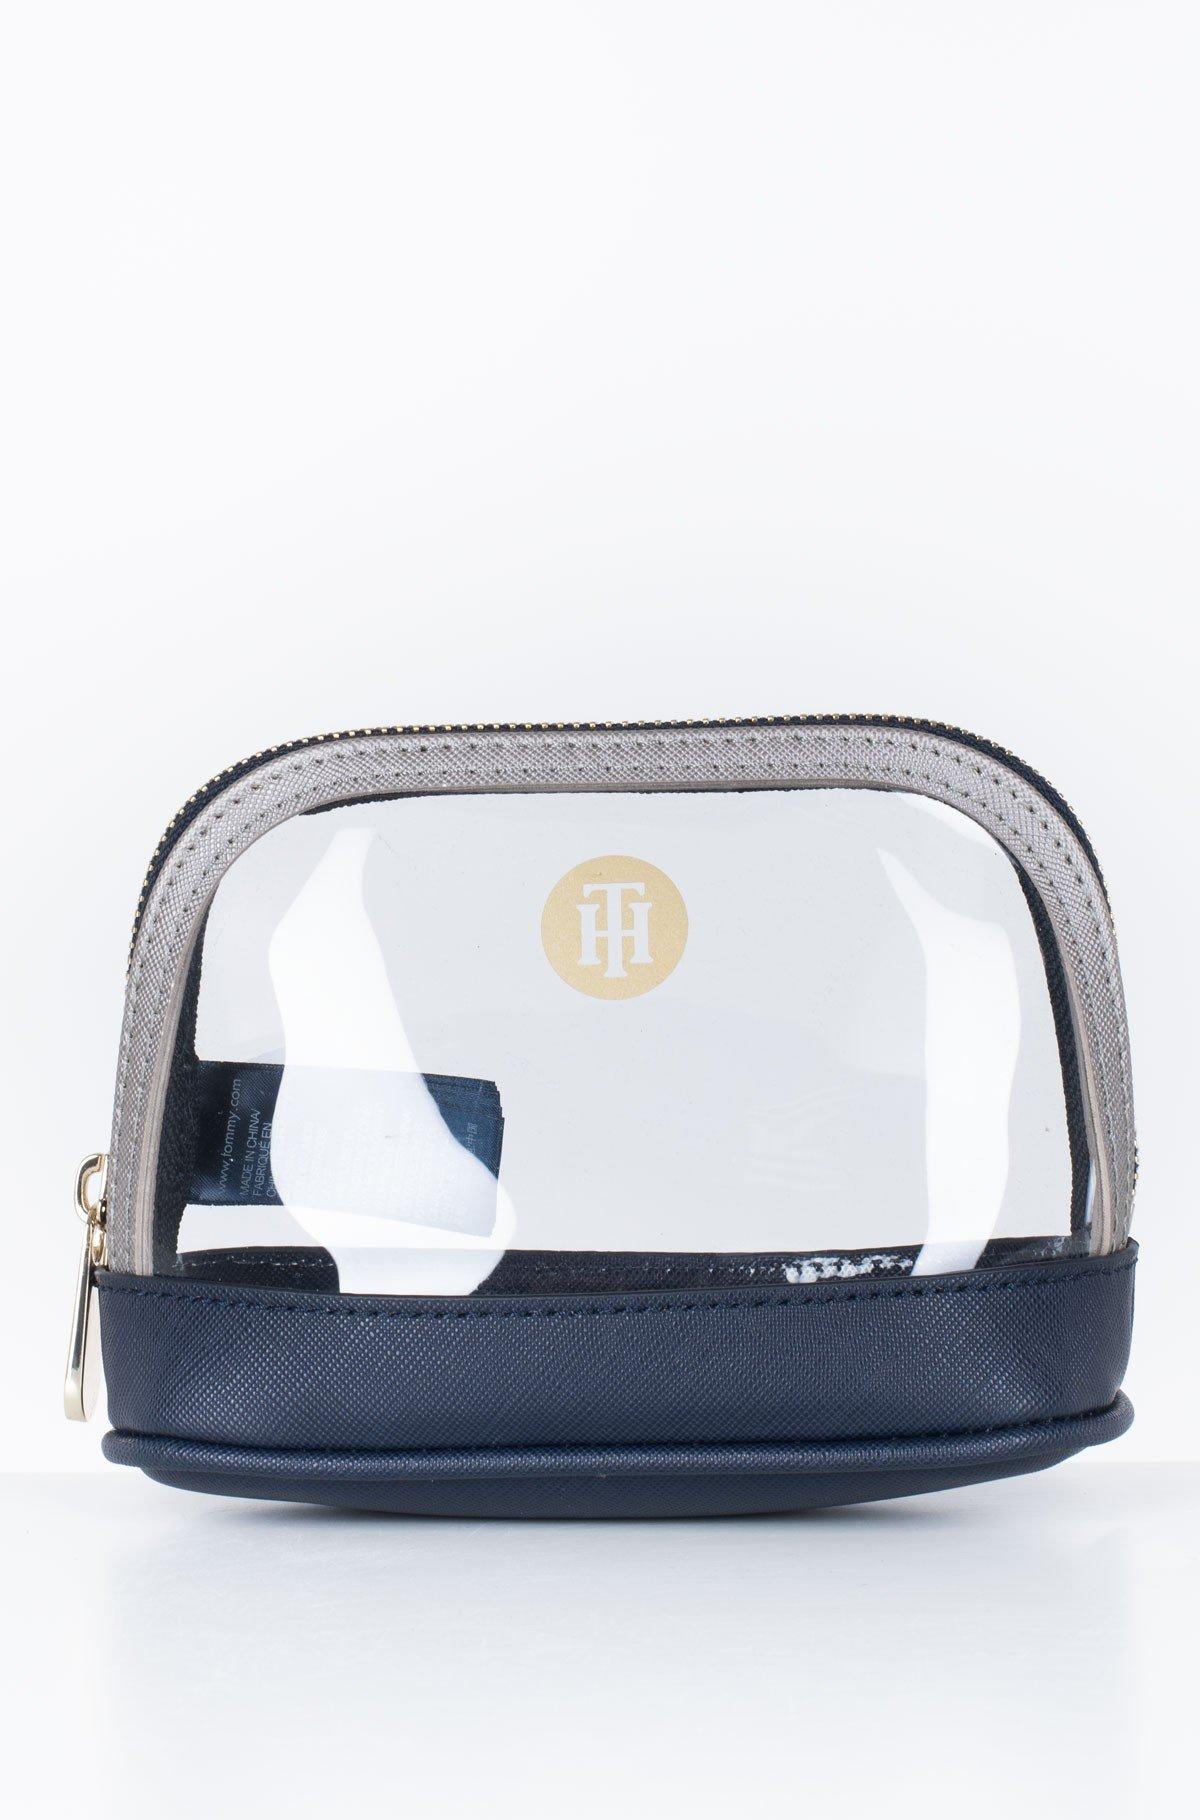 Kinkekomplekt HONEY MAKE UP BAG W KEYFOB-full-2